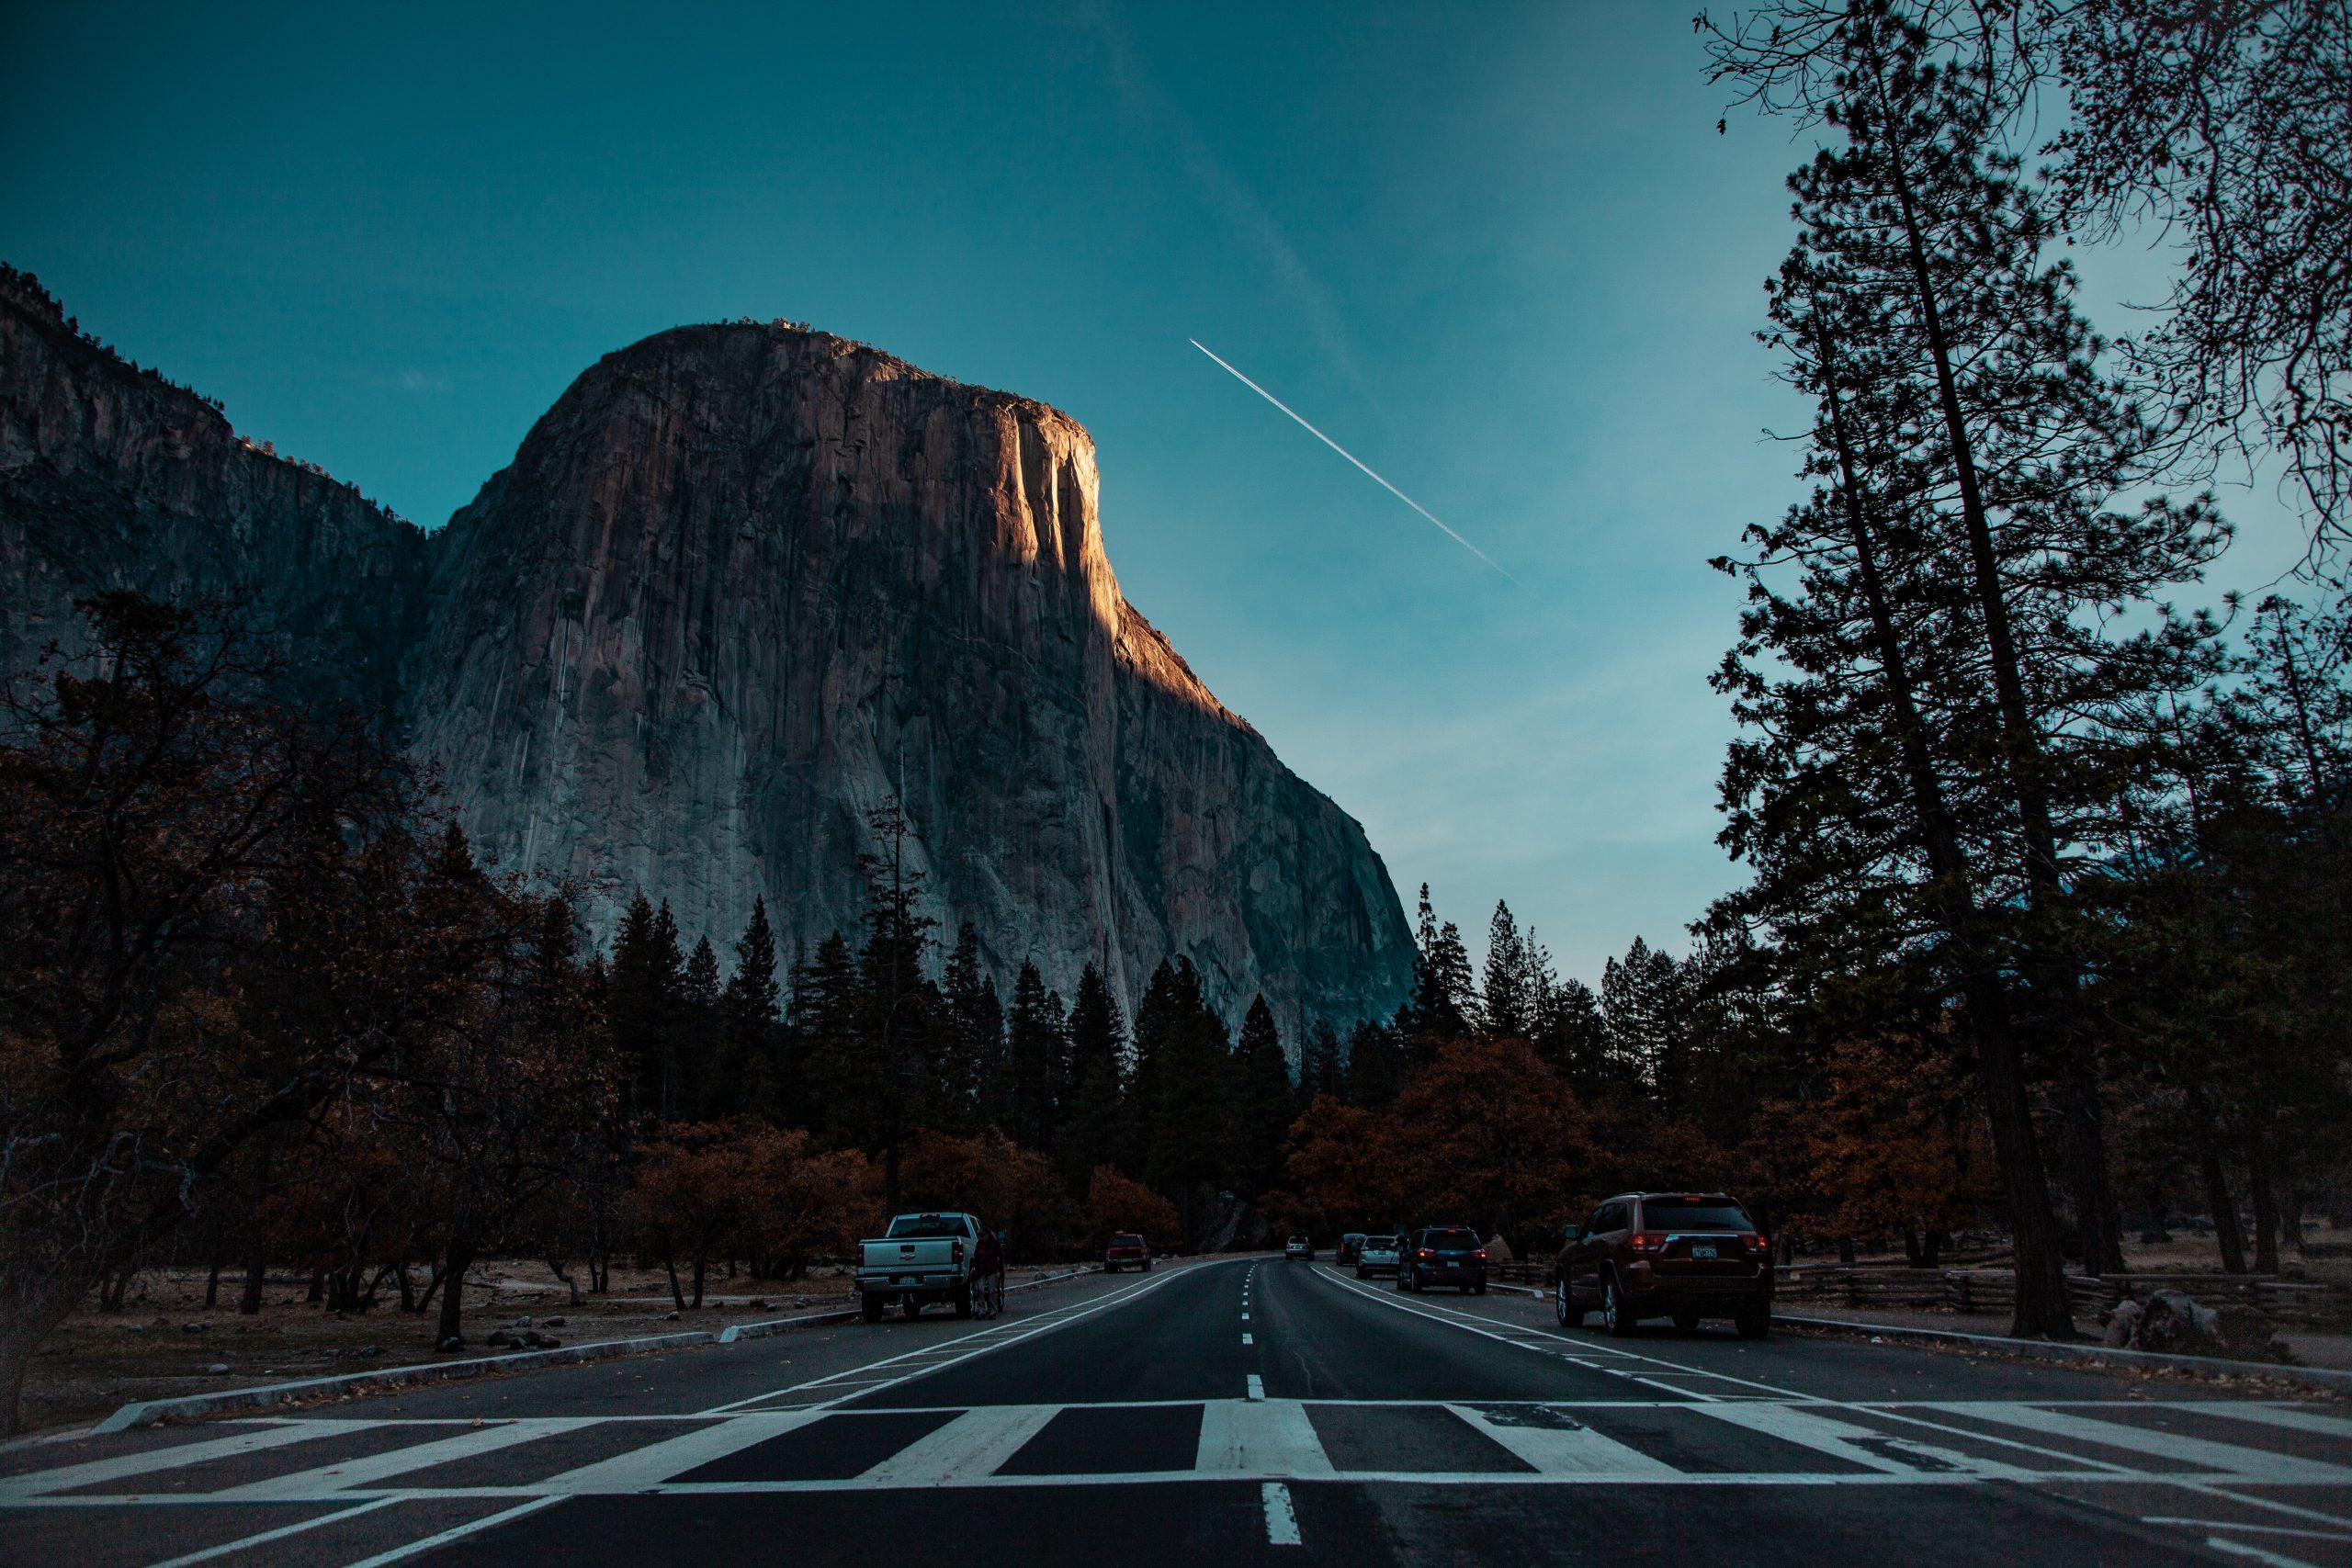 Yosemite Highway